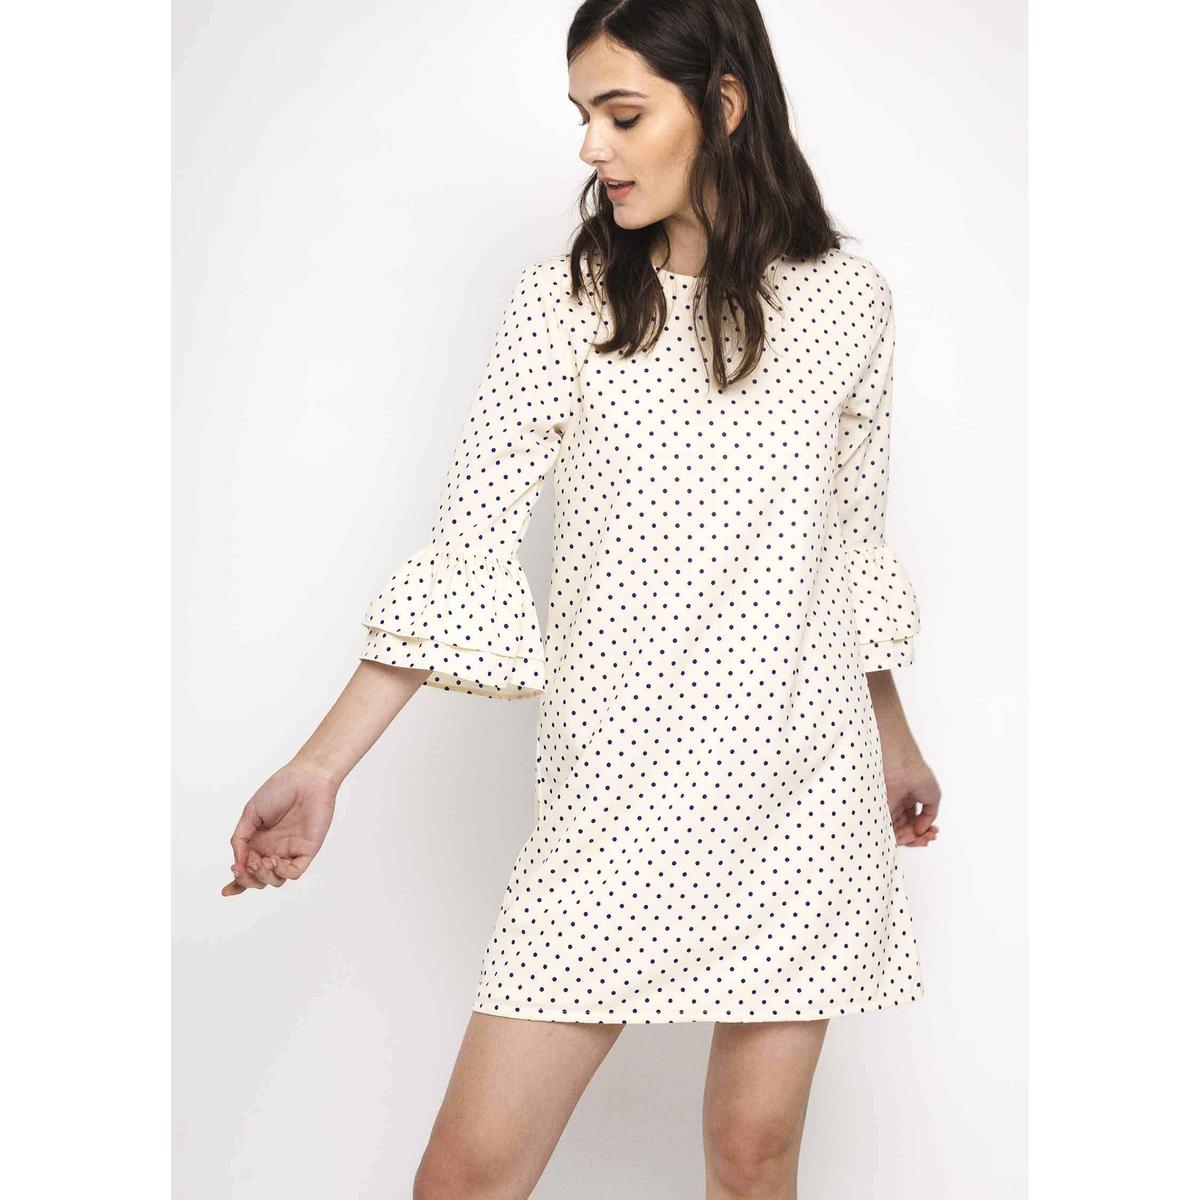 Платье прямое короткое с рукавами 3/4 от COMPANIA FANTASTICA